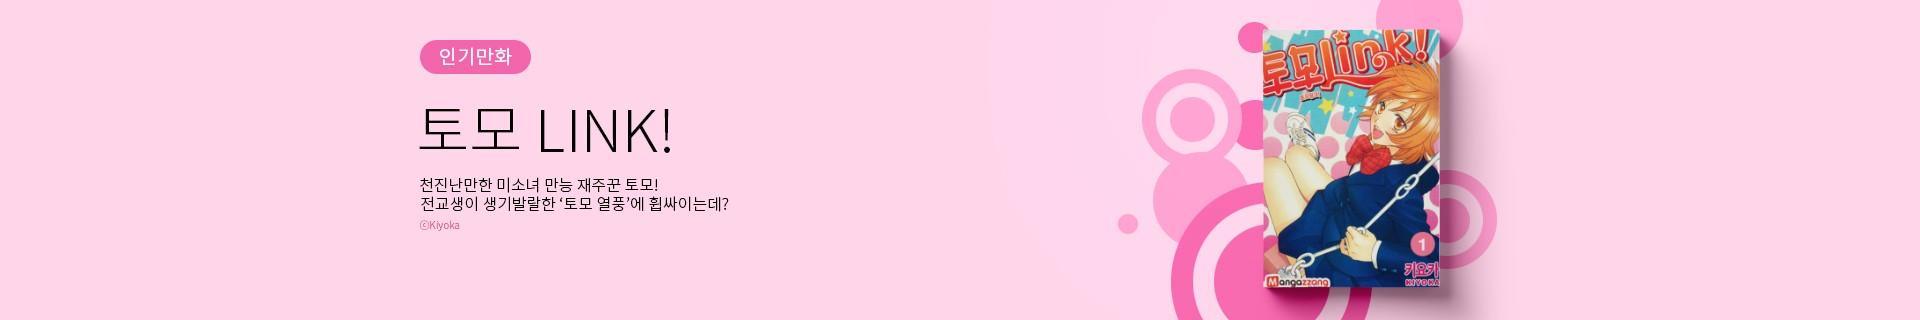 상세상단(PC)4주차_만화_토모 LINK.jpg